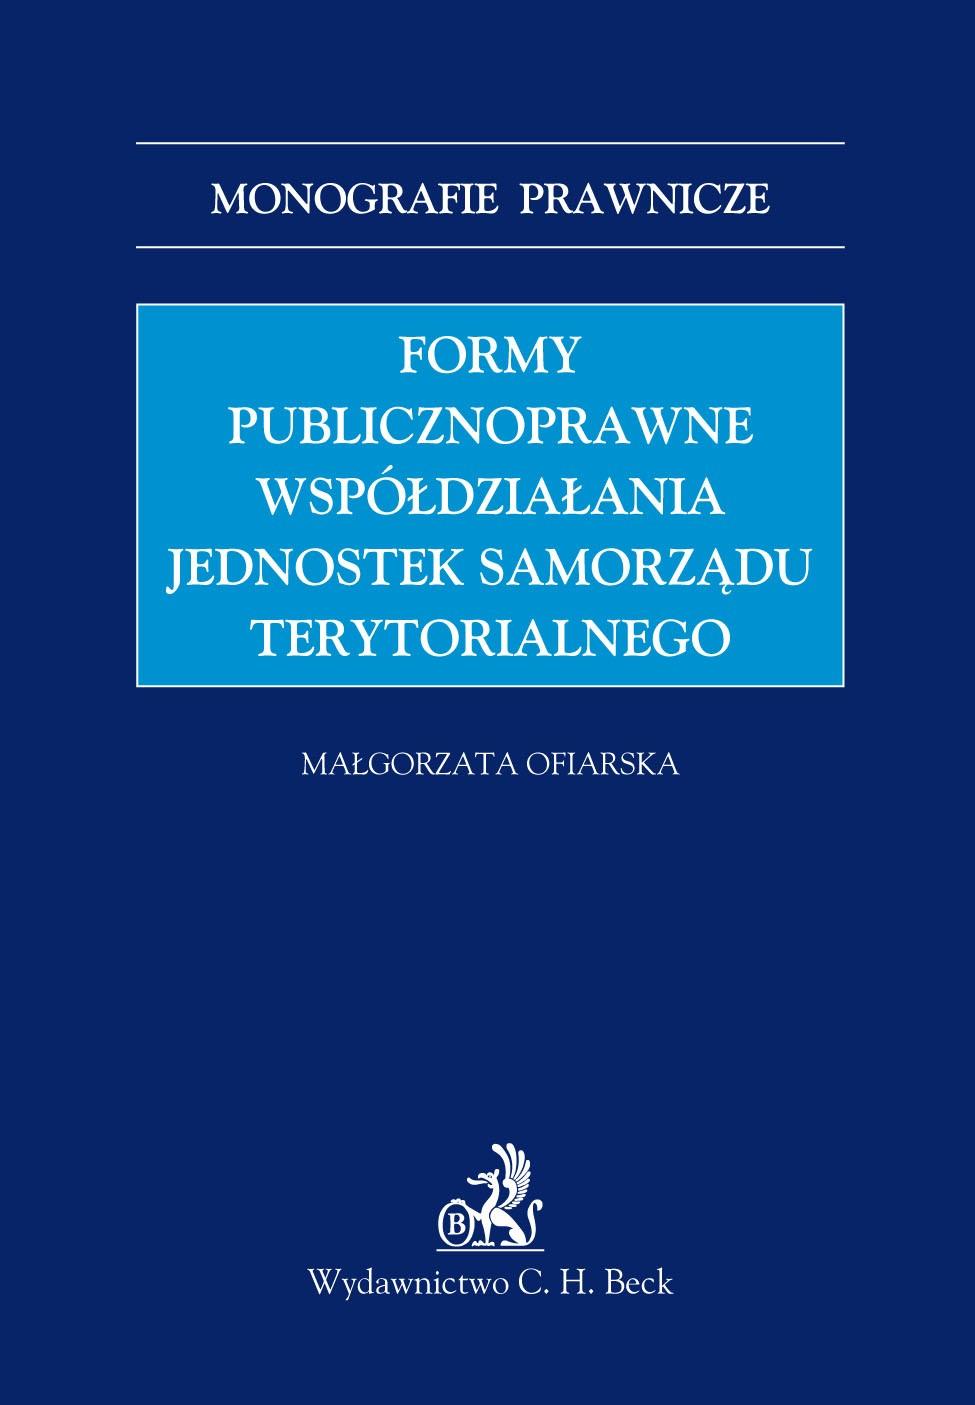 Formy publicznoprawne współdziałania jednostek samorządu terytorialnego - Ebook (Książka PDF) do pobrania w formacie PDF